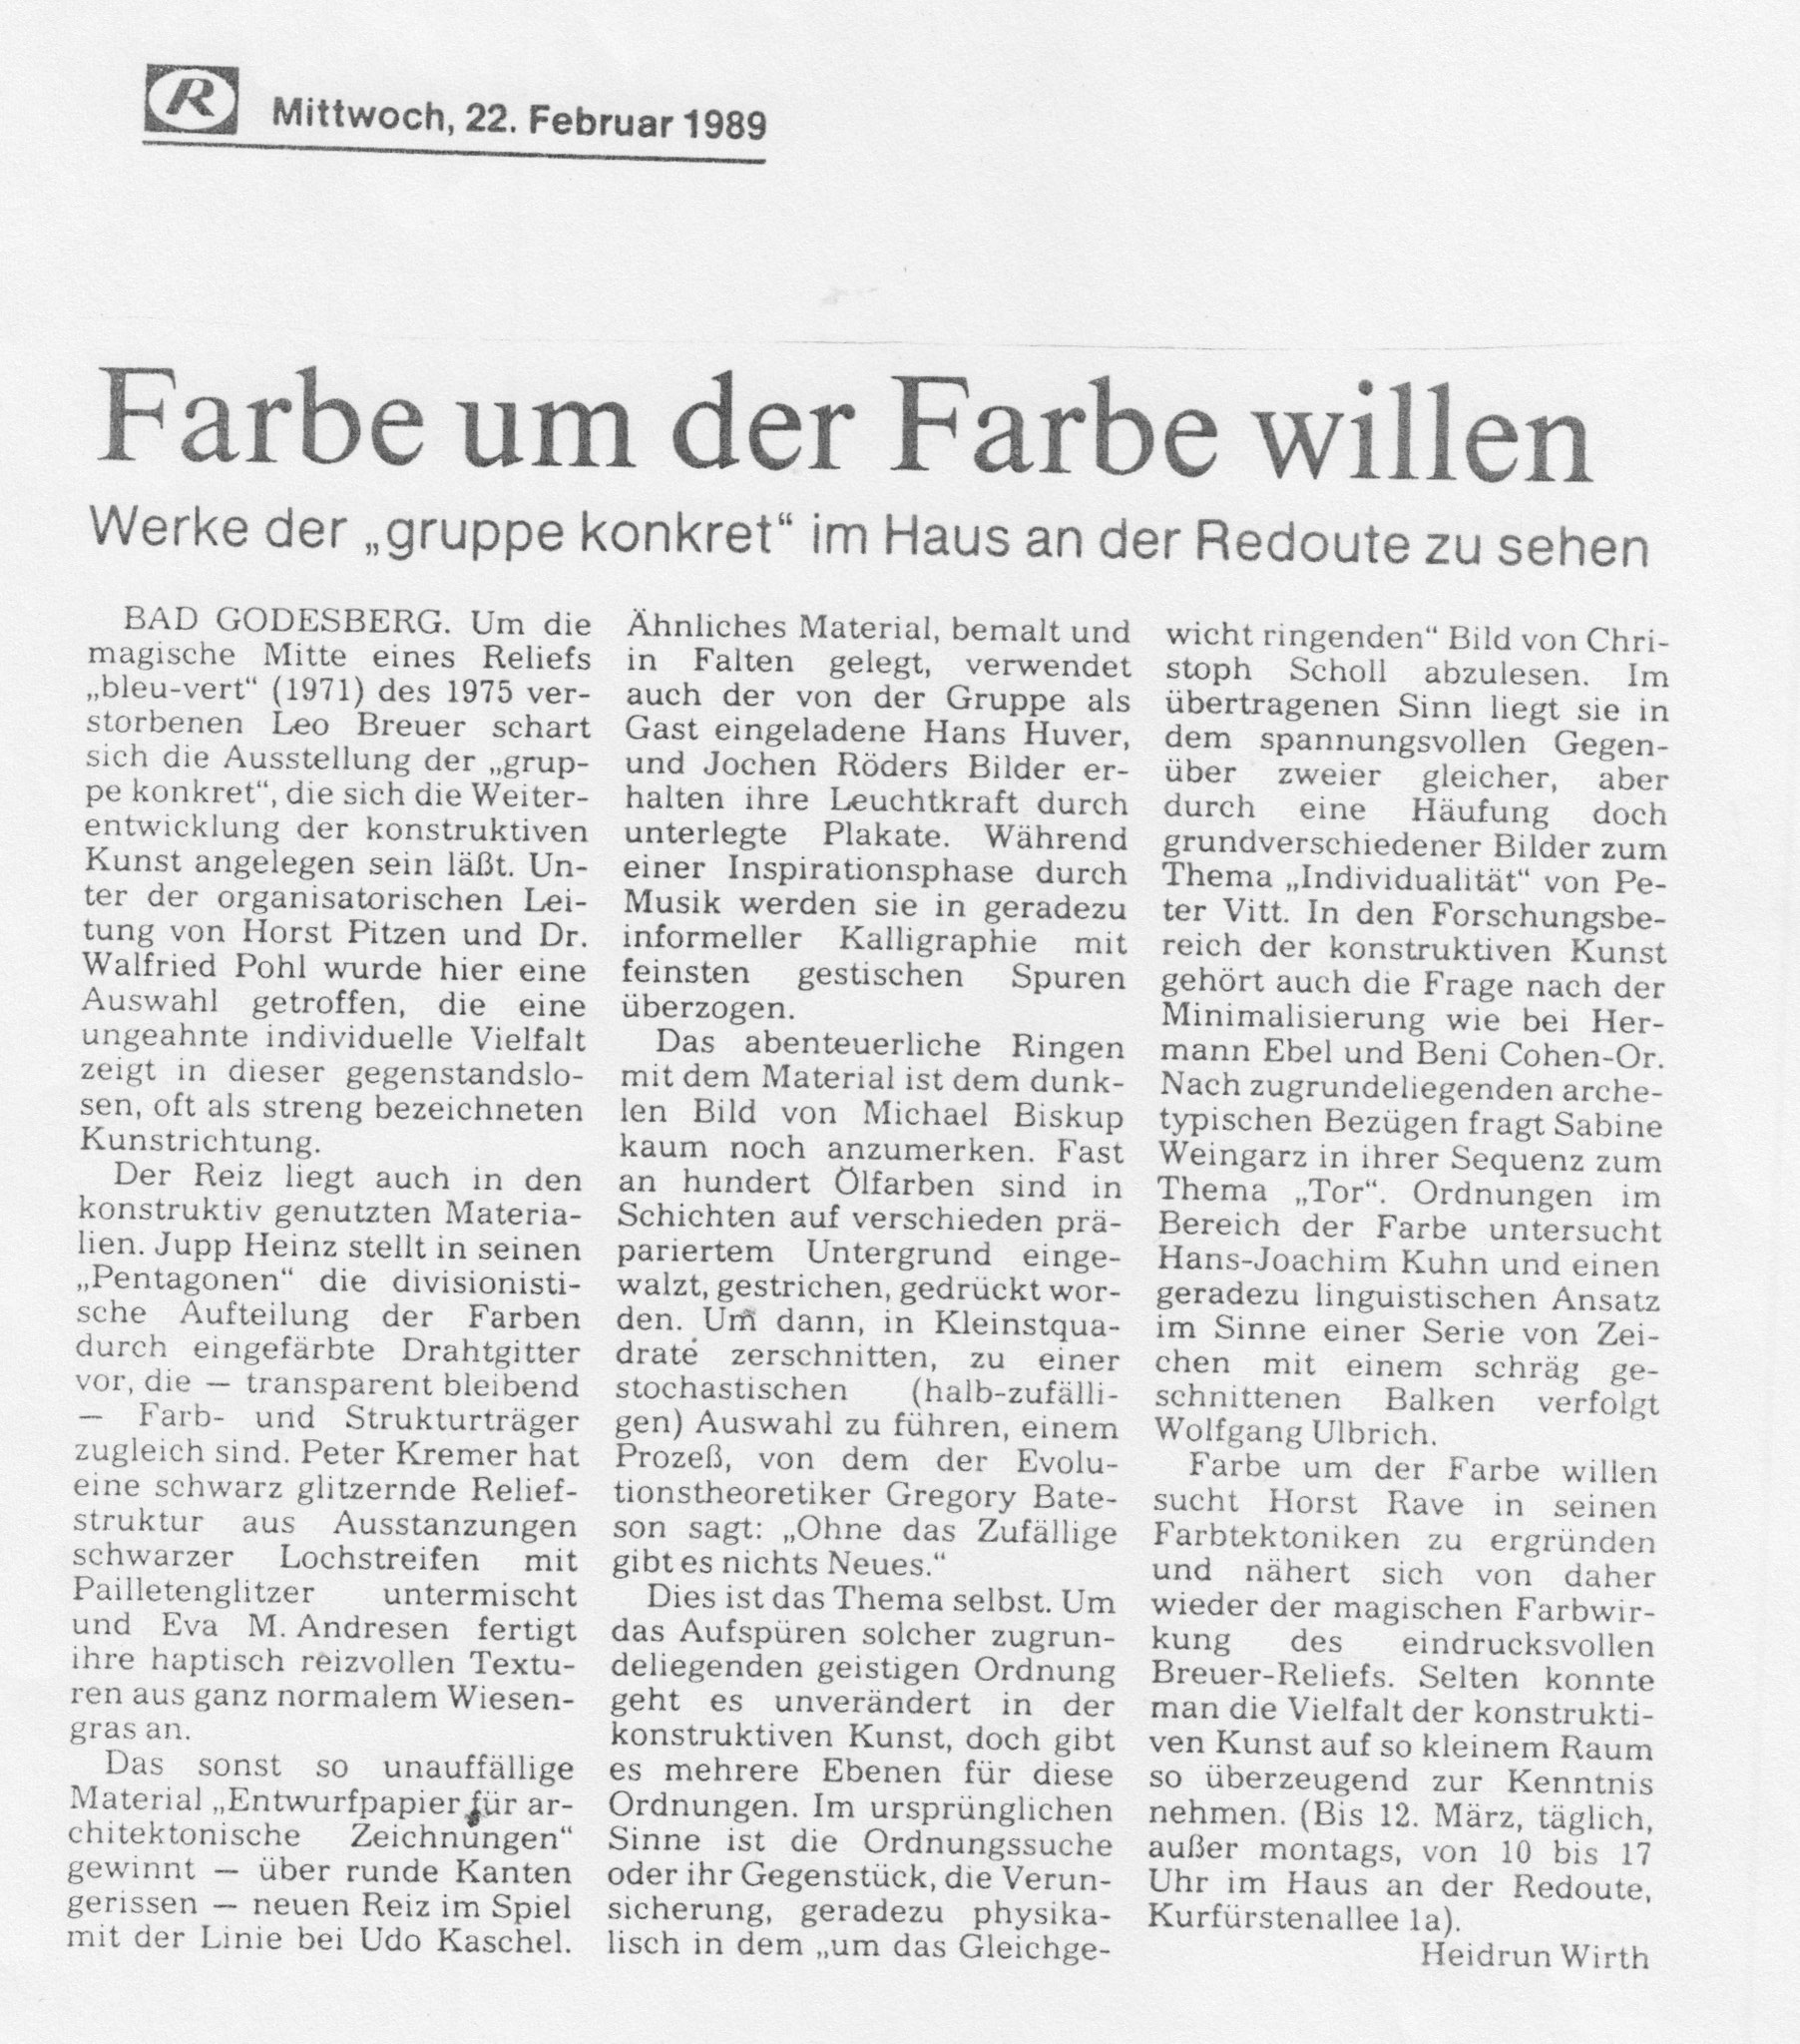 Bonn, Bonner Rundschau 1989